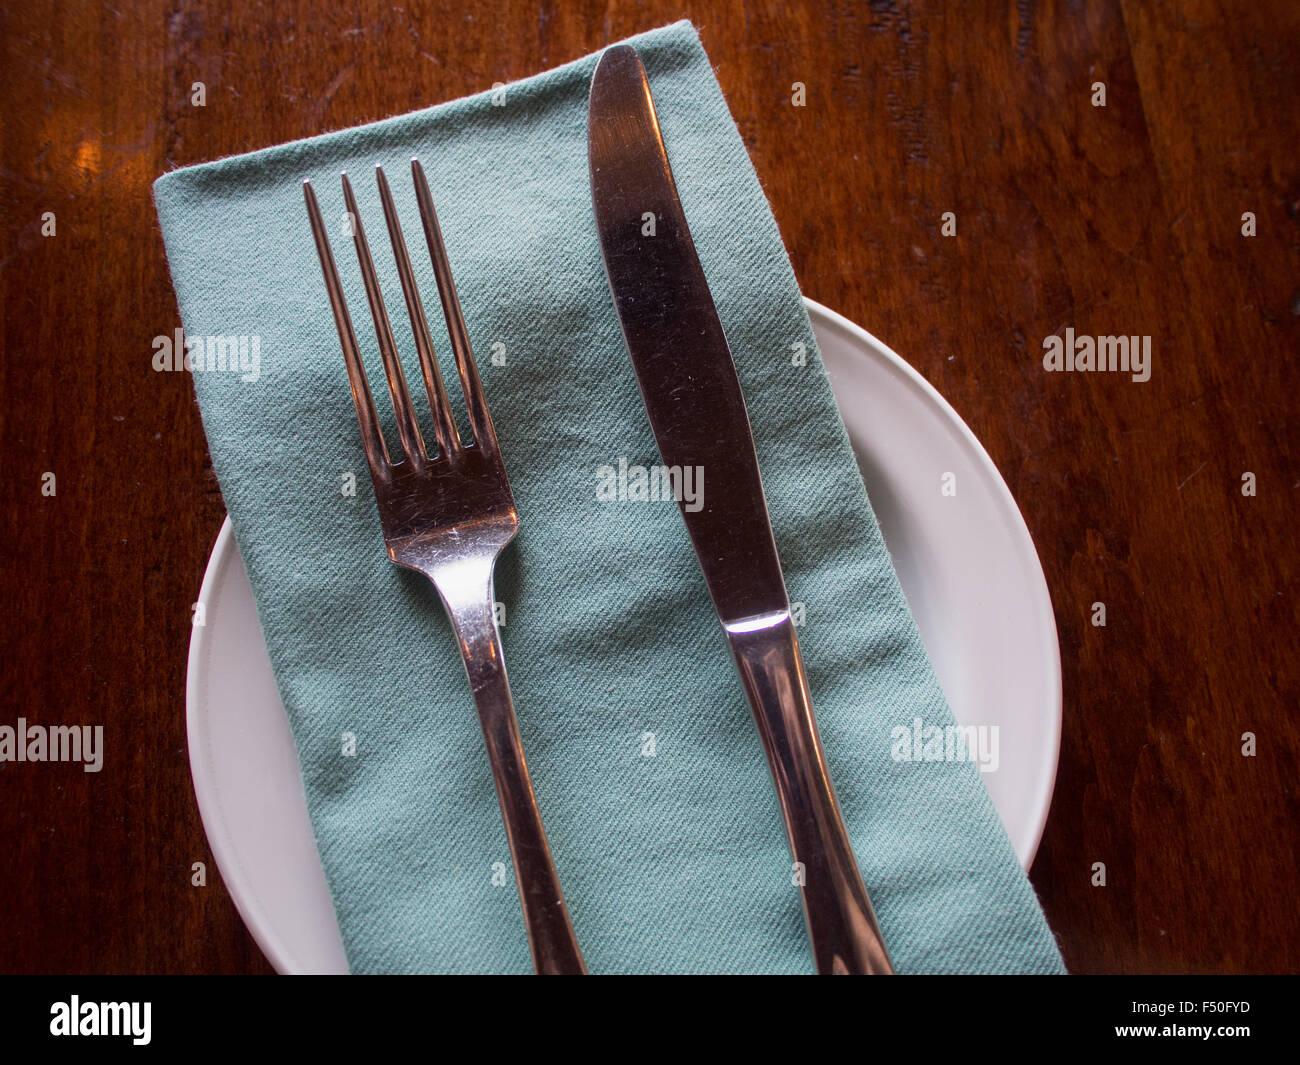 Arrangiert auf einer Serviette und Teller Besteck Stockbild